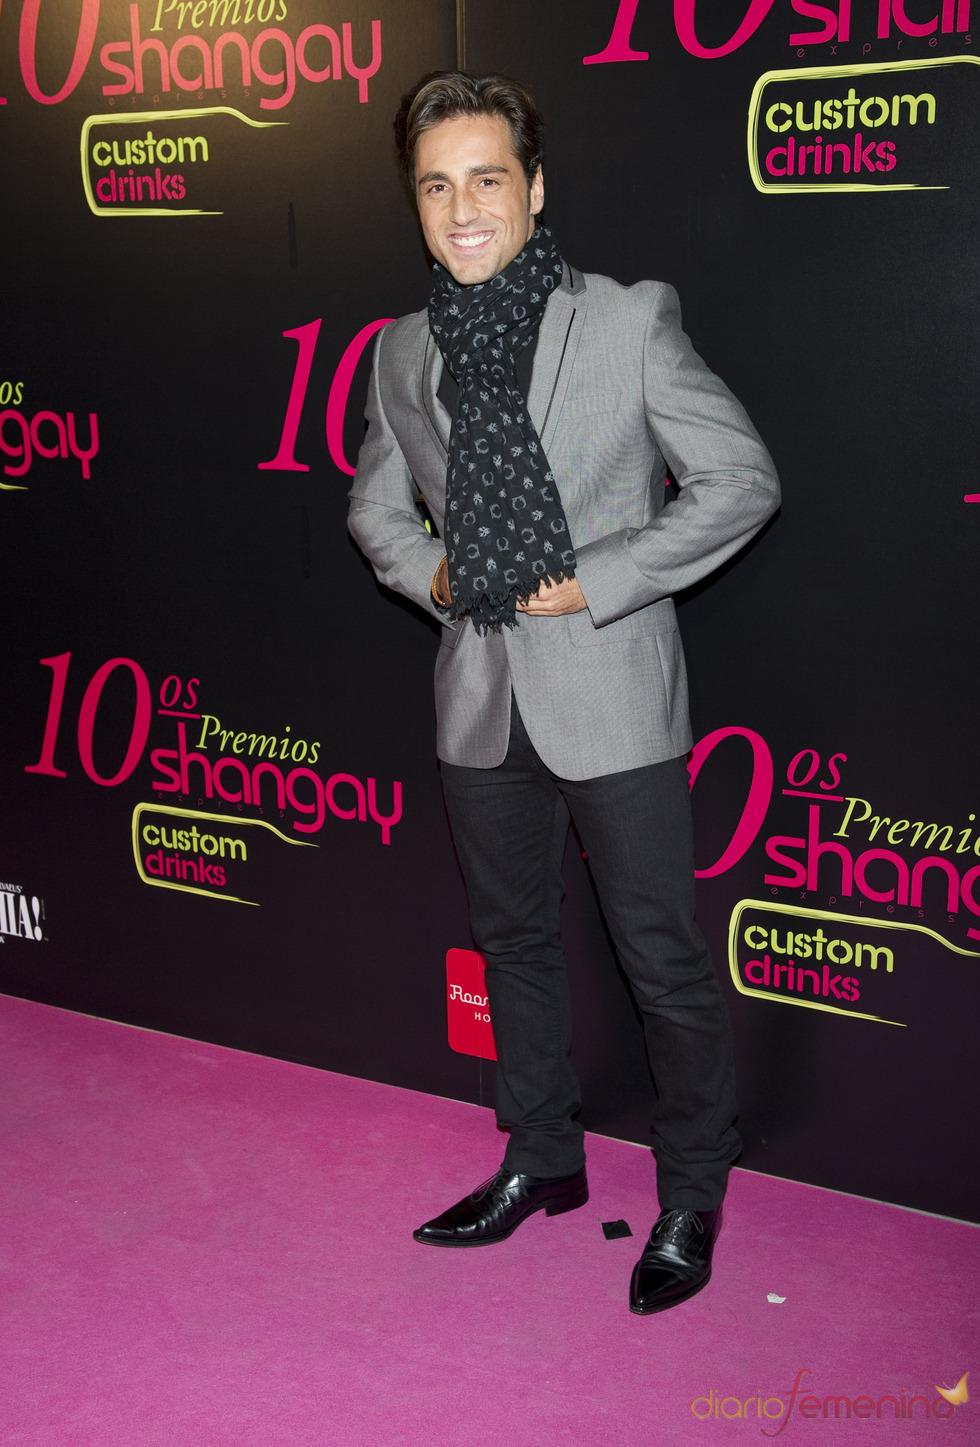 David Bustamante en los Premios Shangay 2010